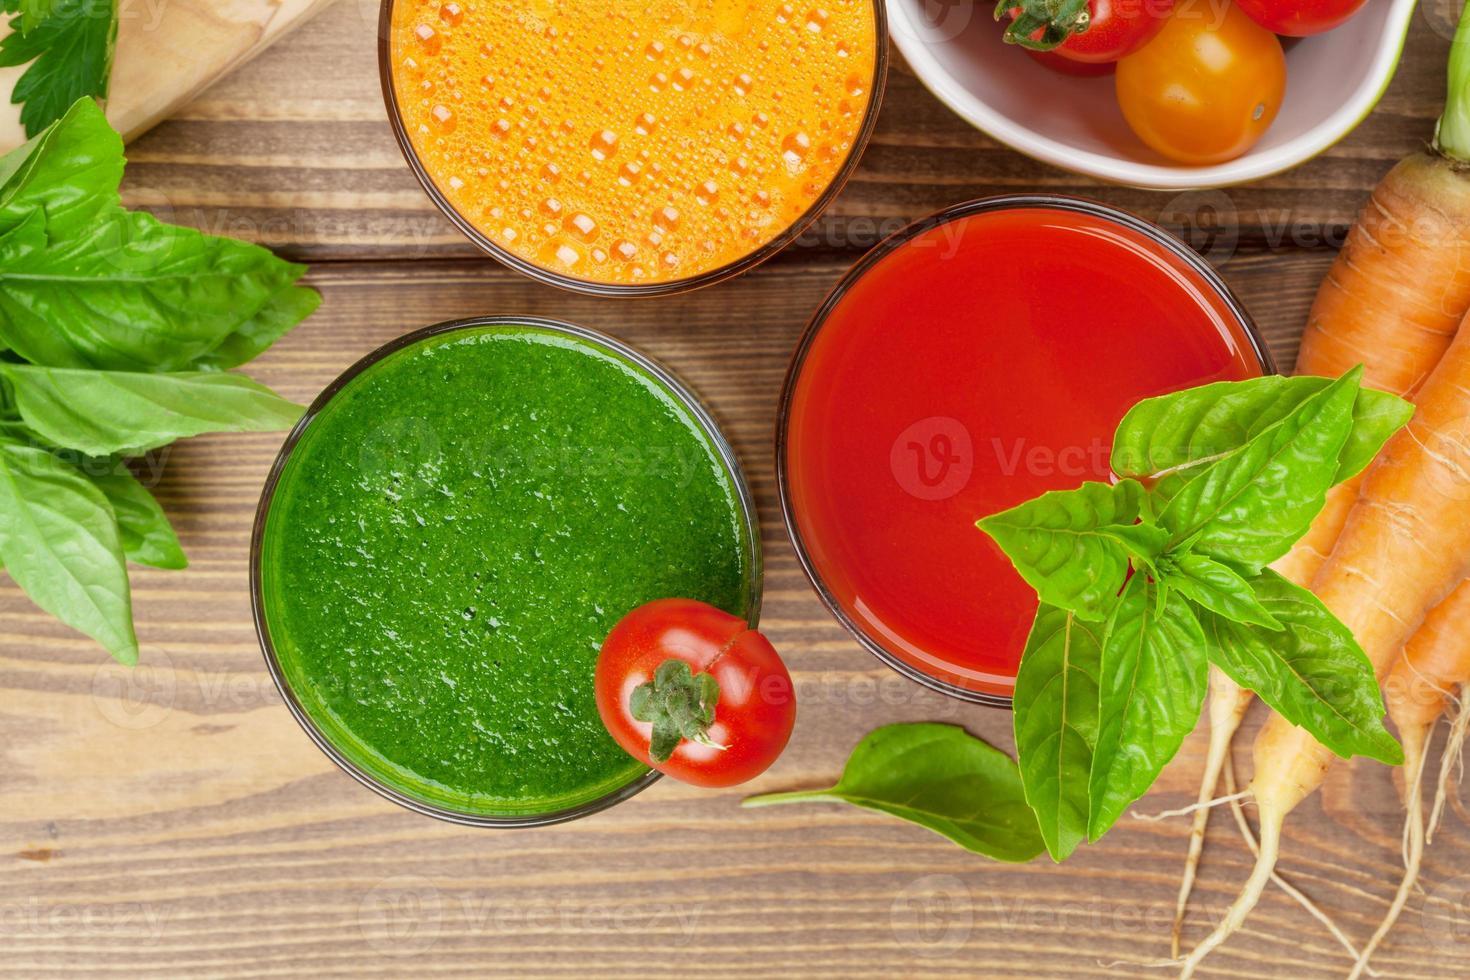 frullato di verdure fresche. pomodoro, cetriolo, carota foto